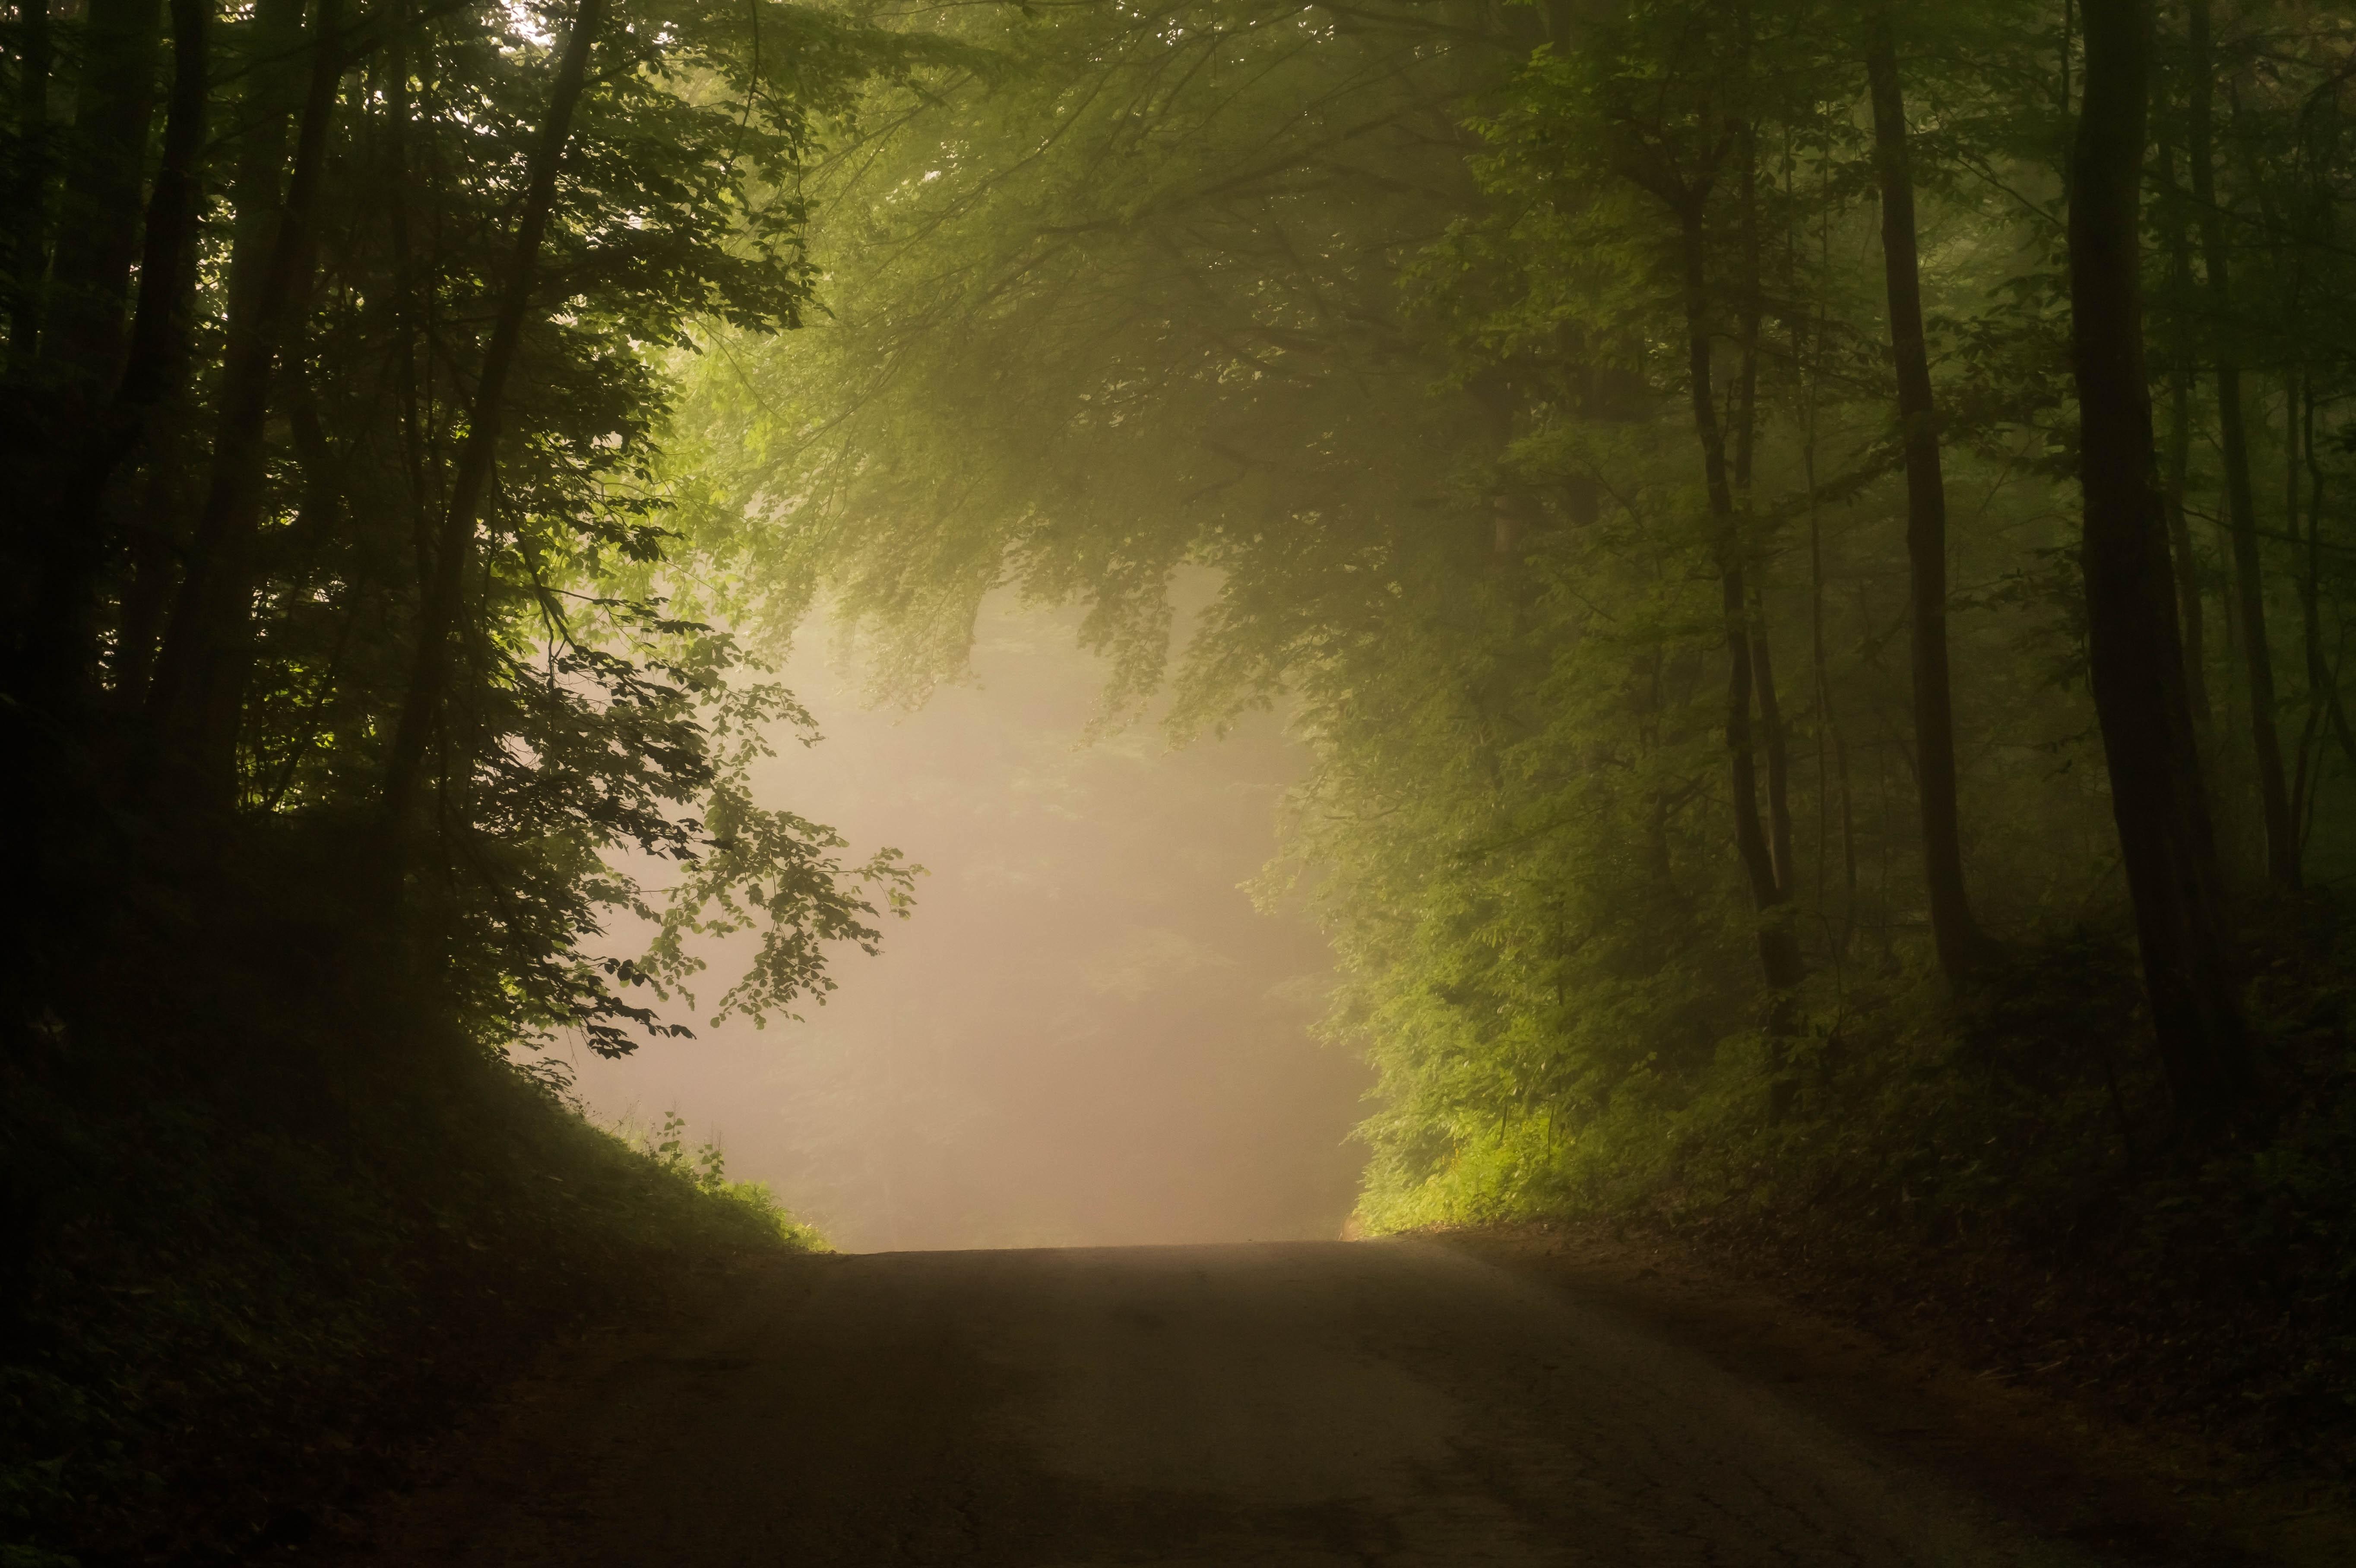 певица поделилась вертикальное фото туманной тропинки азы актерского